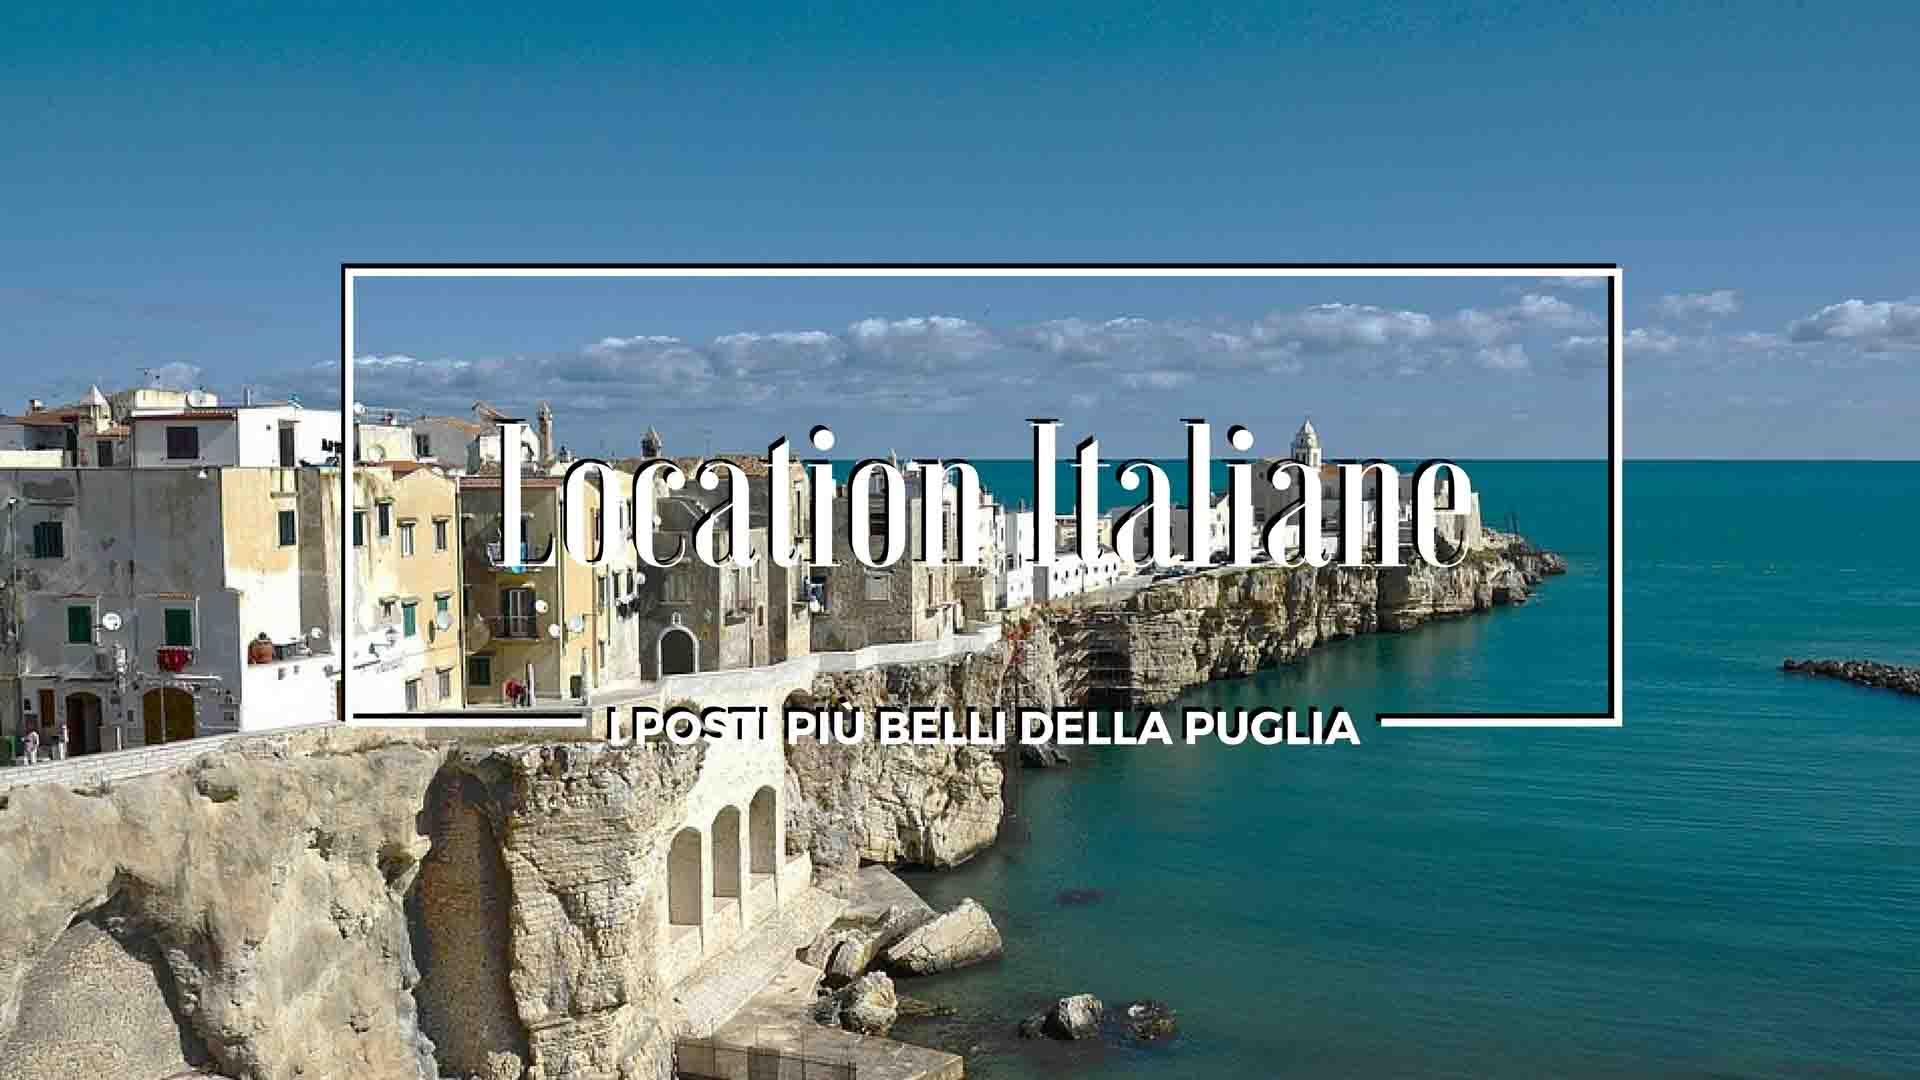 i posti più belli della puglia - location italiane